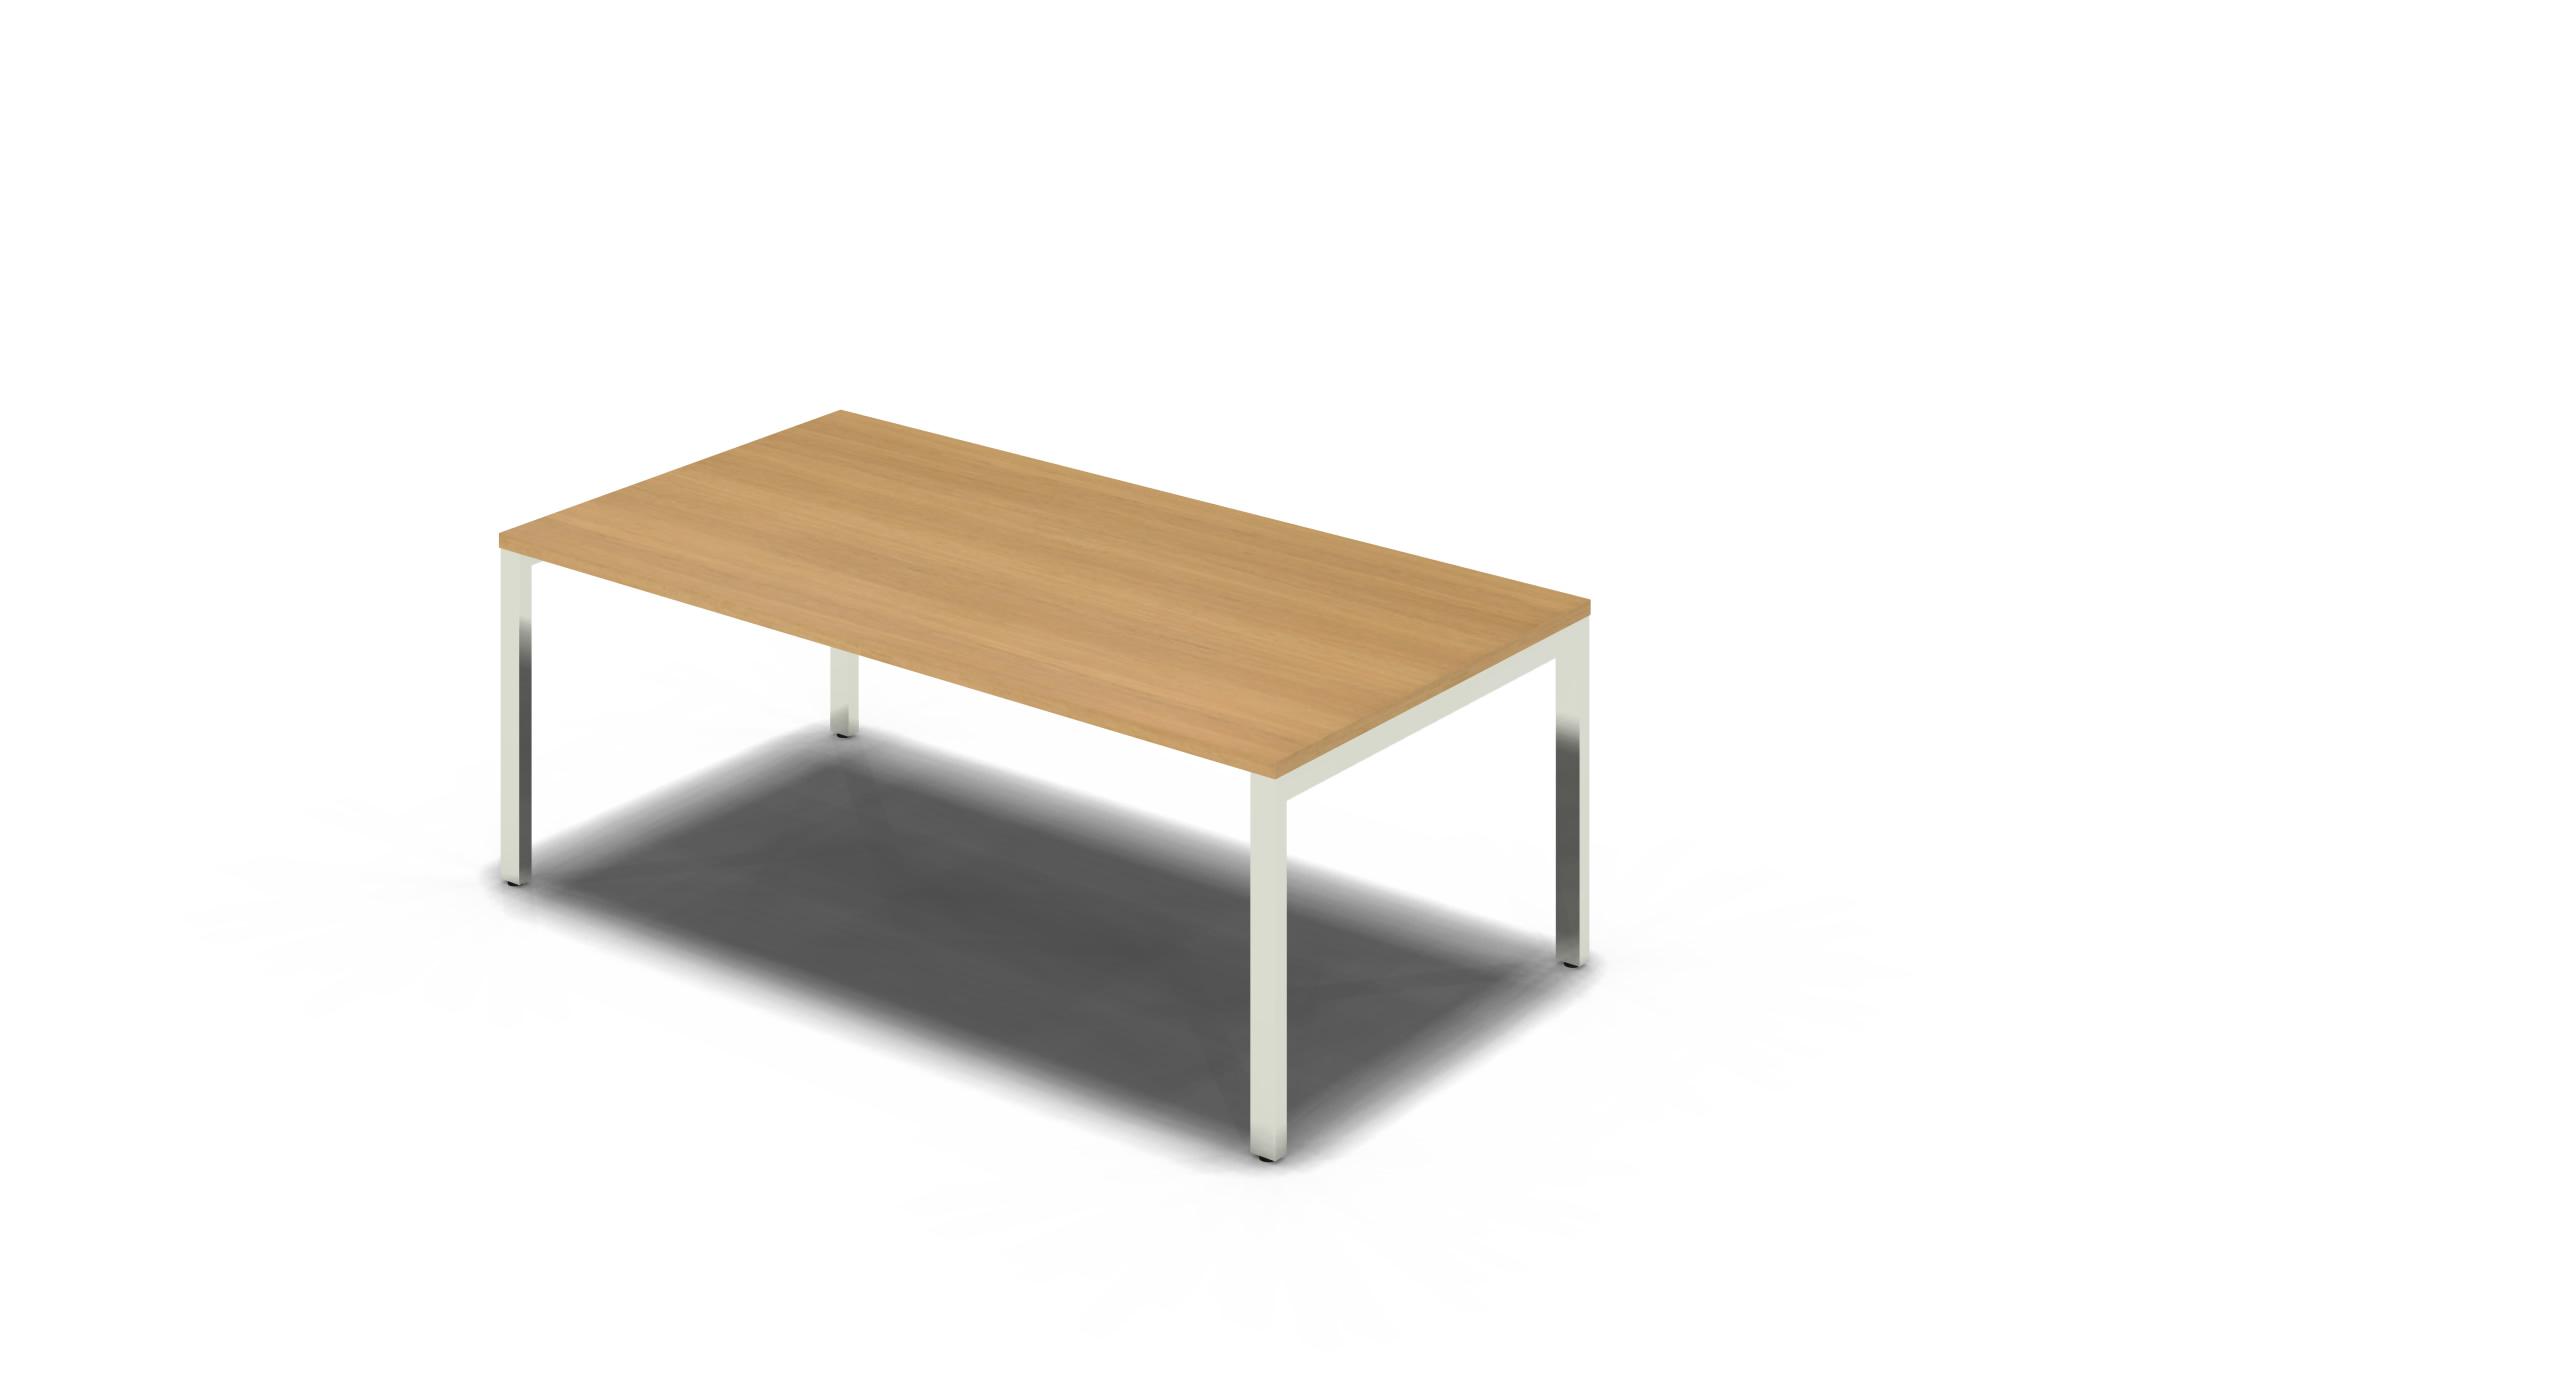 Table_Square_1800x900_Chrome_Oak_noOption